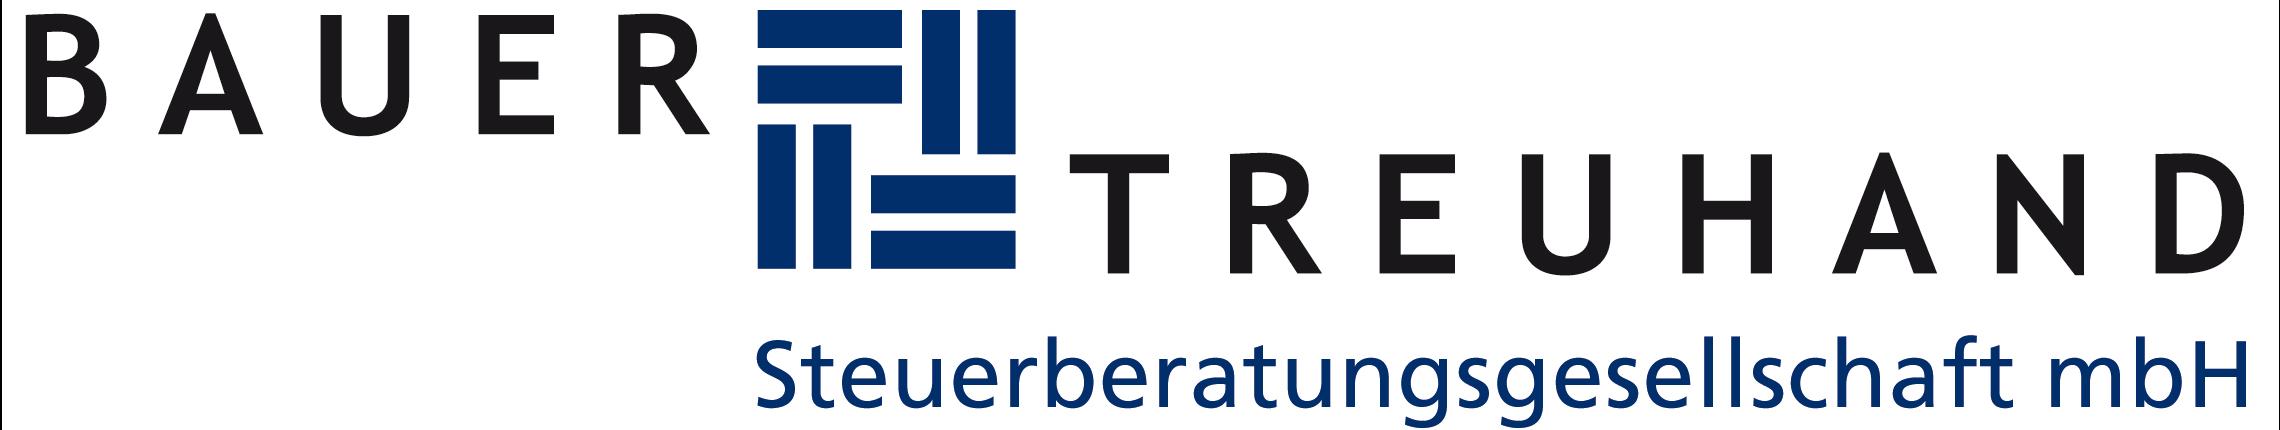 Bauer Treuhand Steuerberatungsgesellschaft